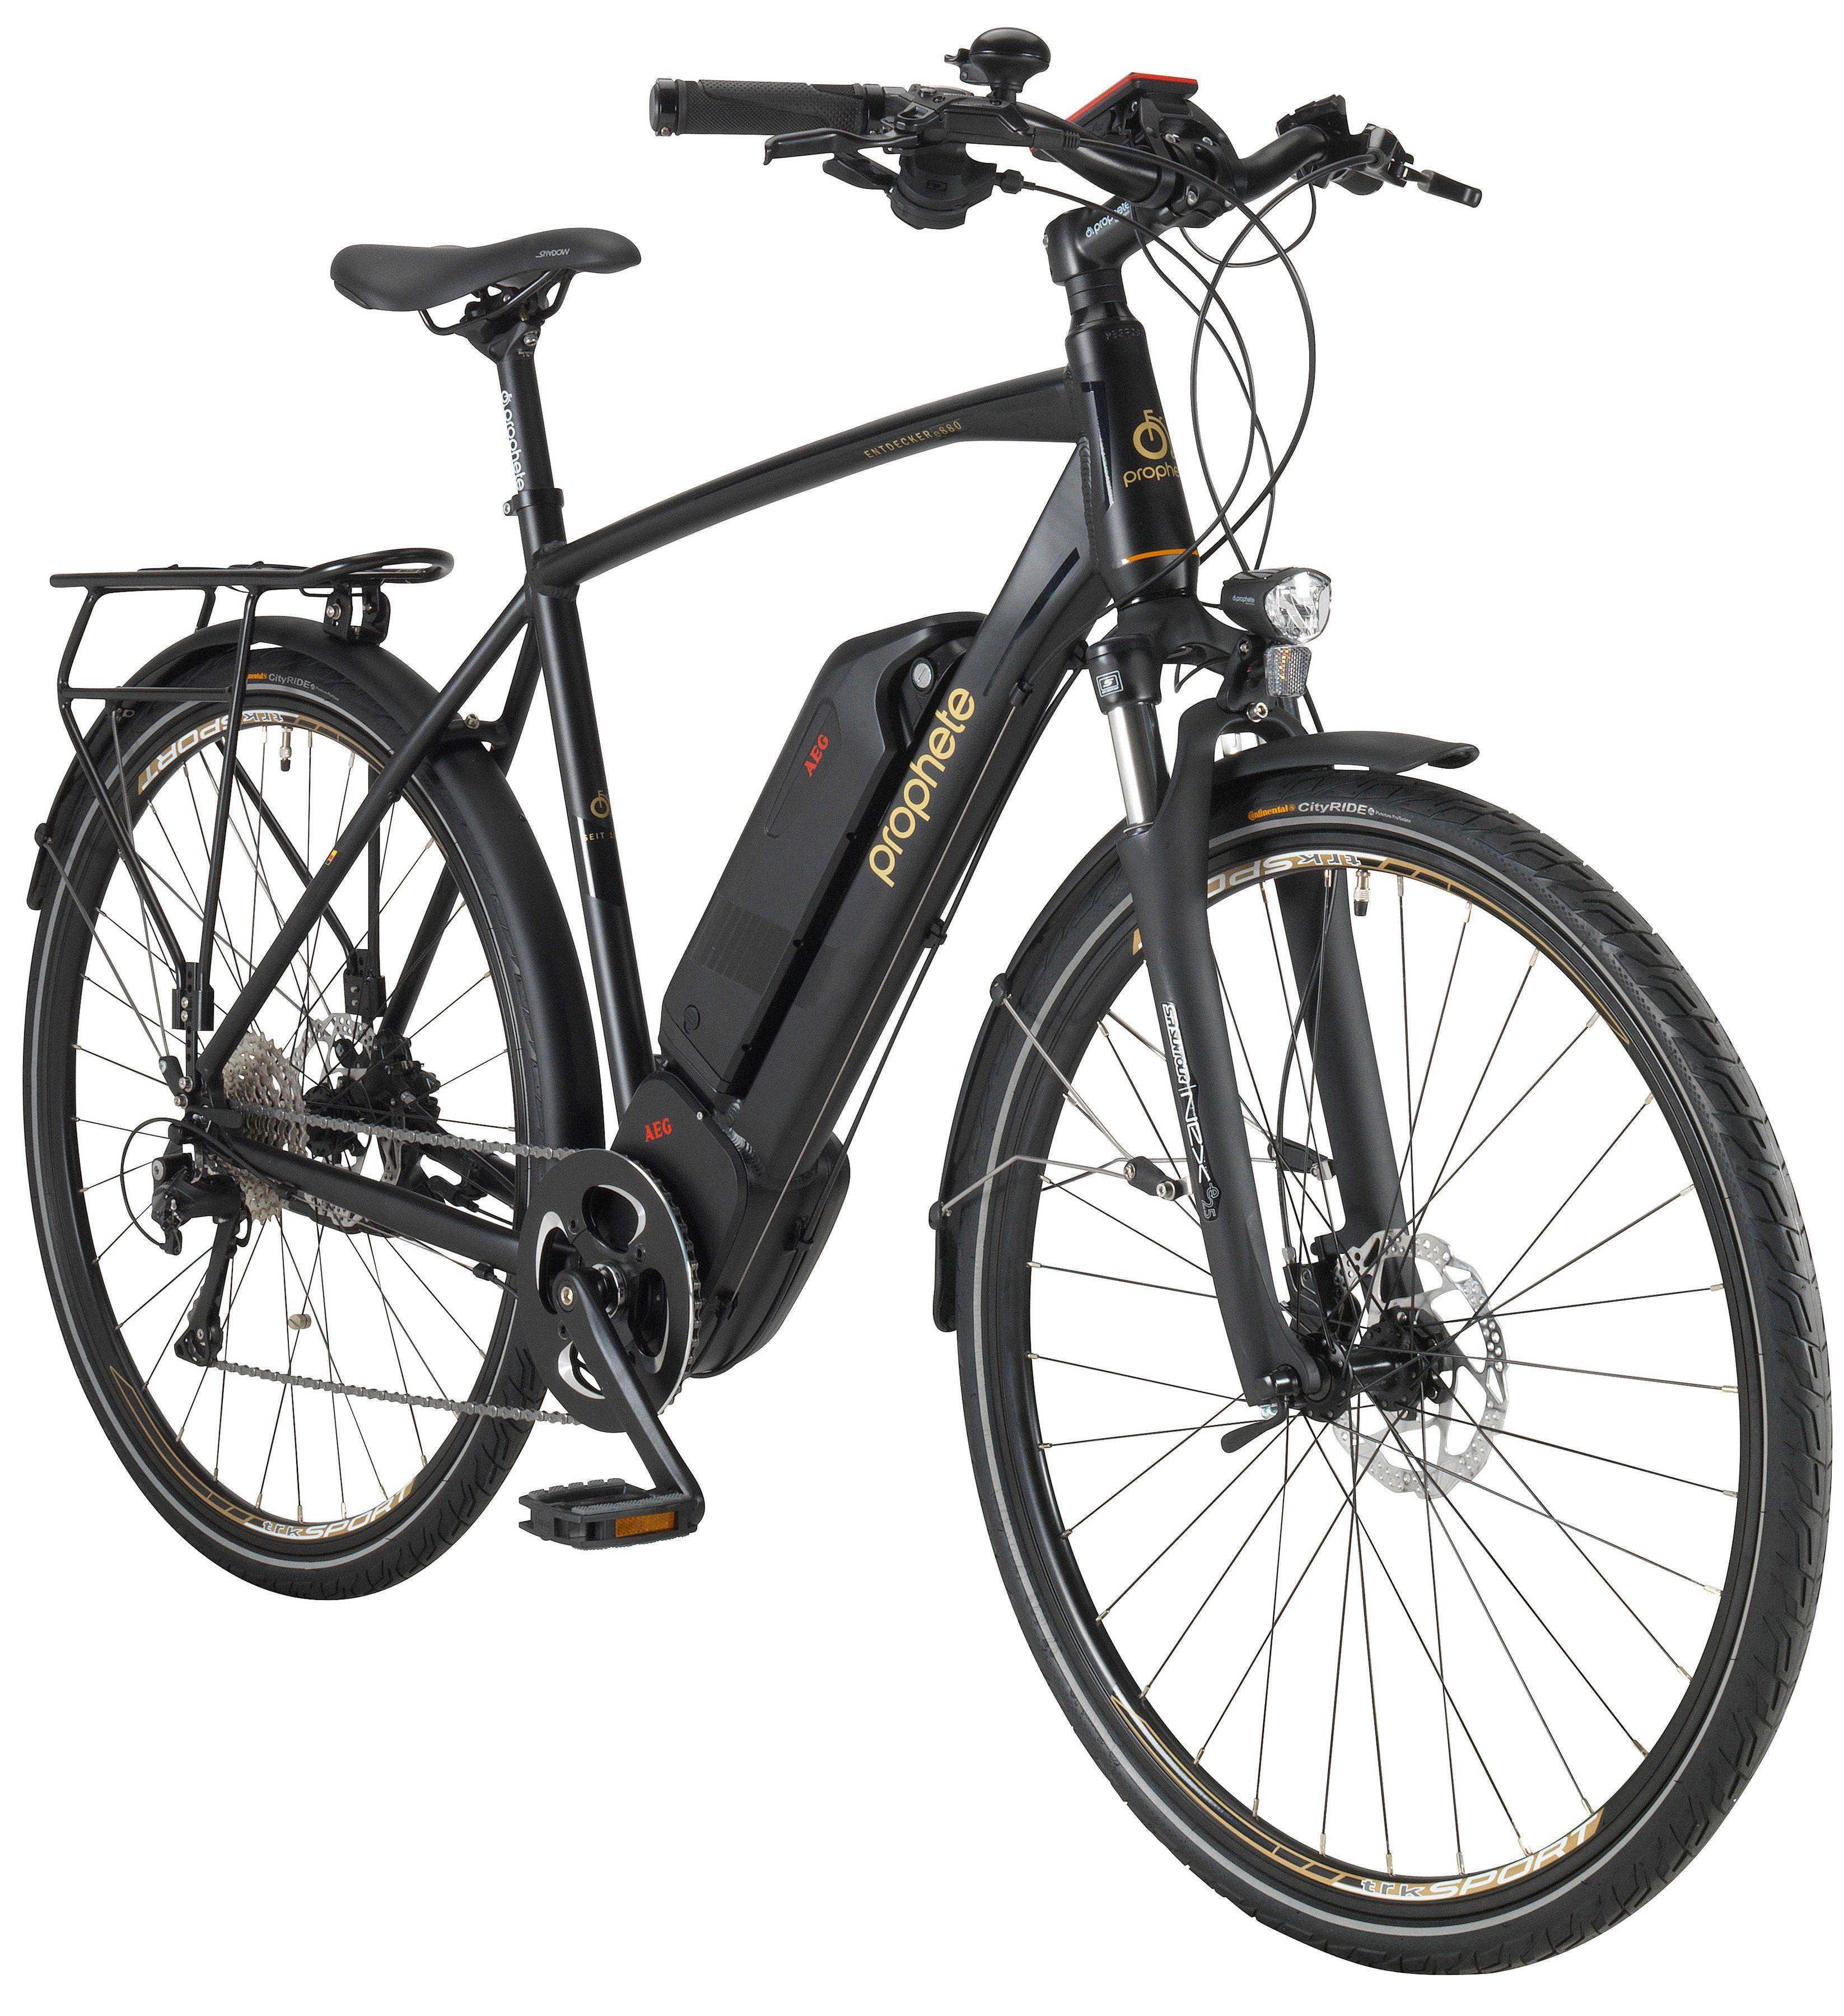 PROPHETE E-Bike Trekking Herren »ENTDECKER e880«, 28 Zoll, 10-Gang, AEG-Mittelmotor, 468 Wh